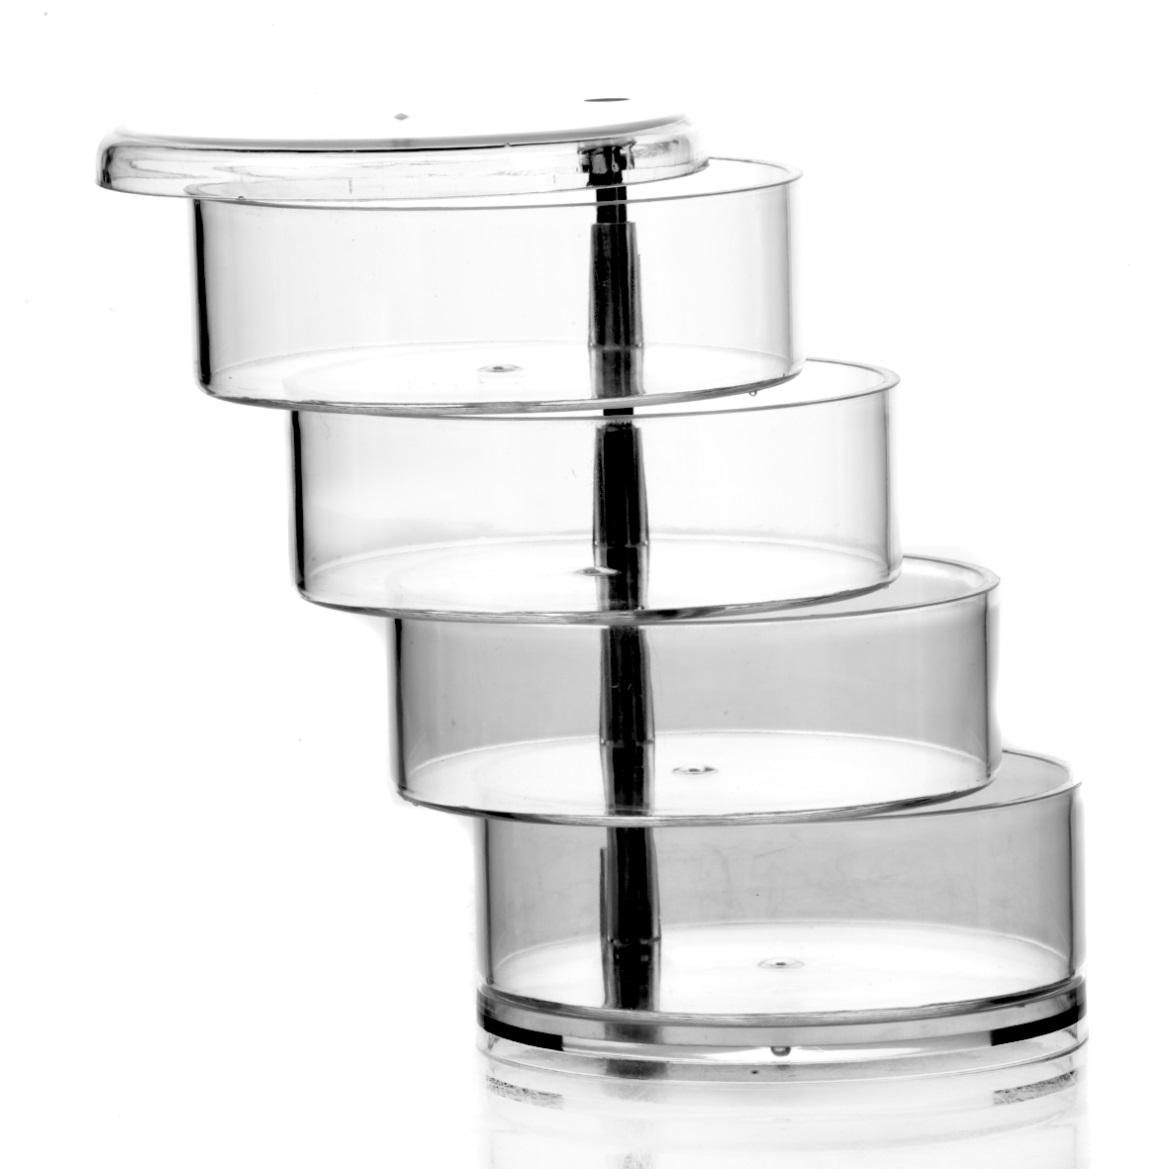 Подставка четырехъярусная House & HolderSTN-01_малиновыйПодставка с крышкой House & Holder отлично подойдет для хранения украшений или косметики. Выполнена из прозрачного пластика. Подставка имеет 4 яруса, которые можно смещать для удобства использования.Размер подставки: 11,5 см х 11,5 см х 18 см.Размер яруса: 11,5 см х 11,5 см х 3,5 см.